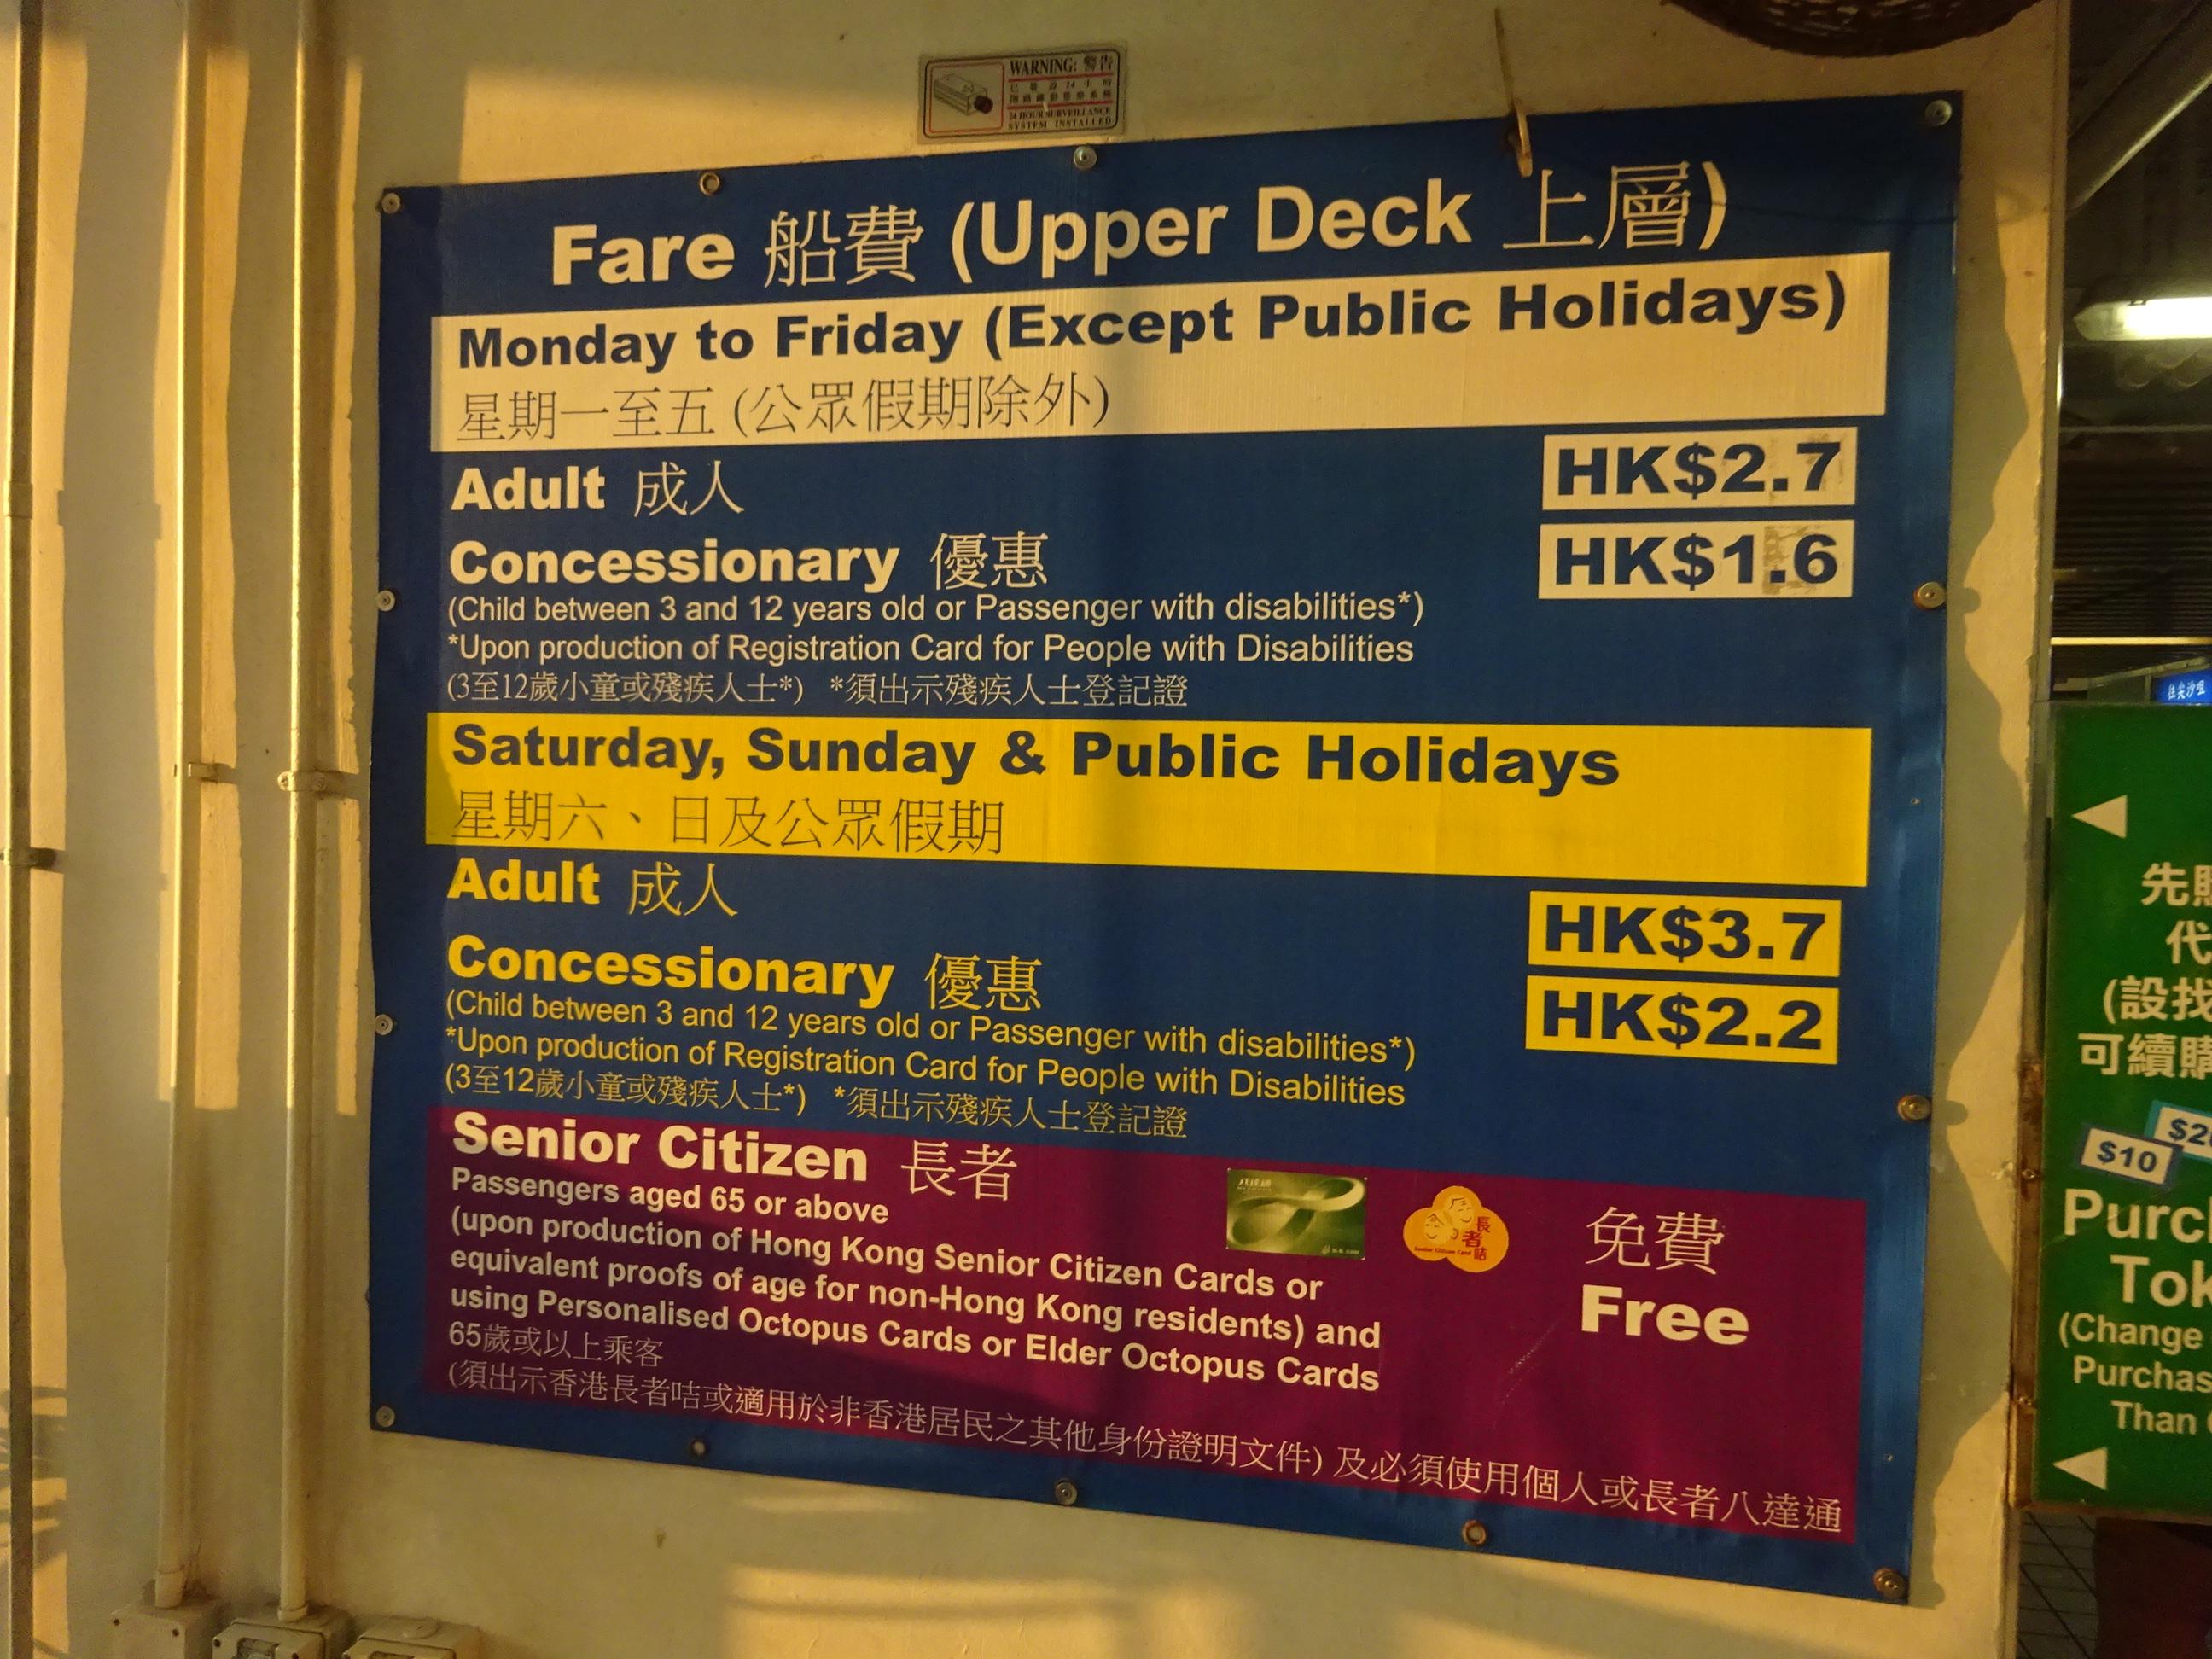 スターフェリー(天星小輪・Star Ferry)の上層階の料金表